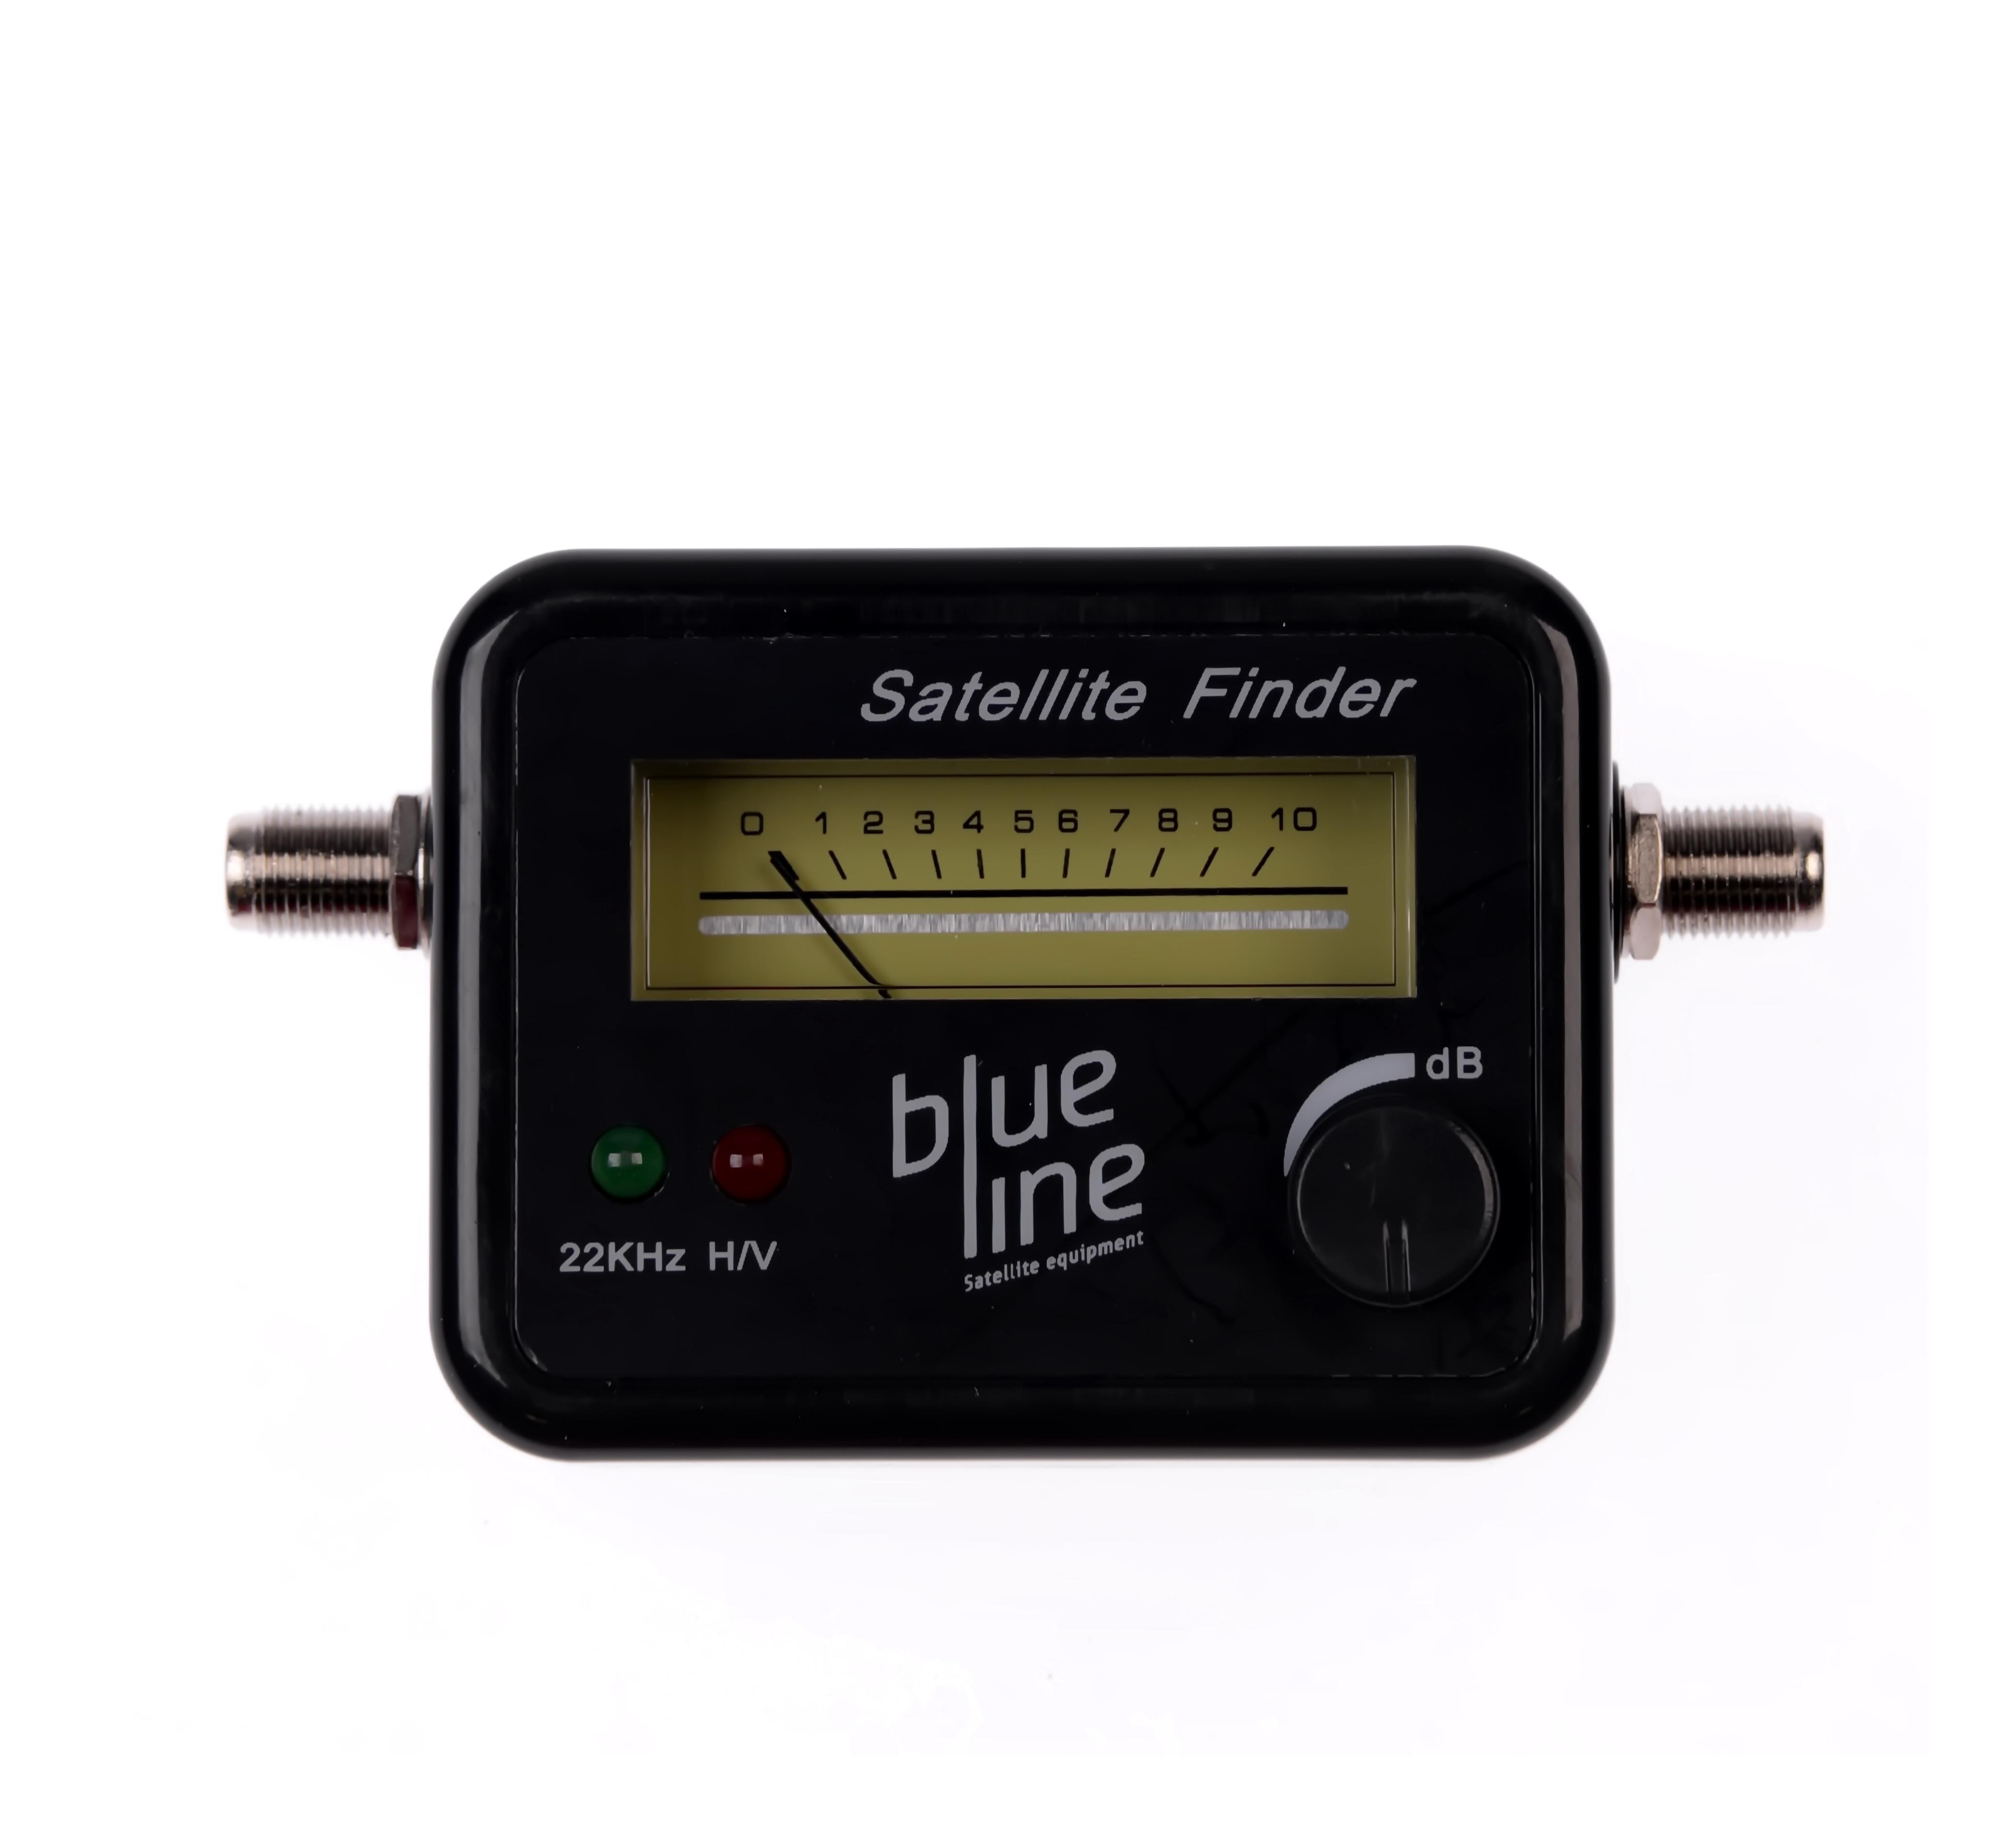 Miernik Sygnału Satelitarnego Sat Finder Blue Line Satsklep Sklep Internetowy